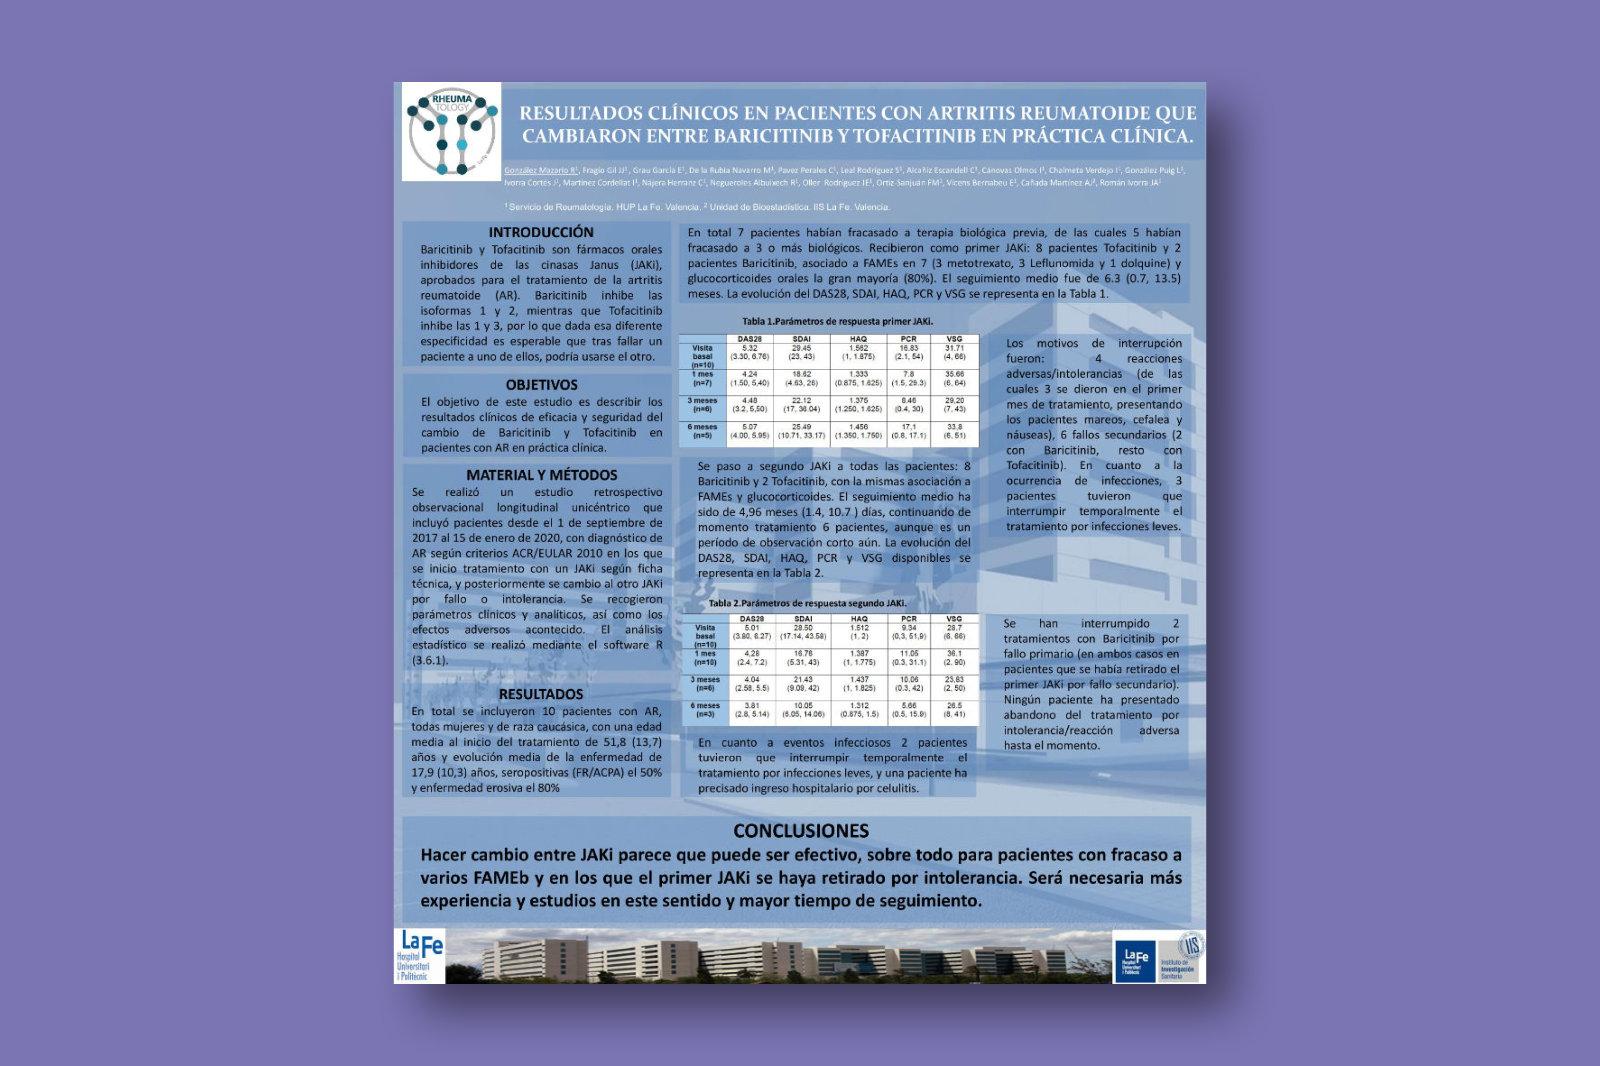 Resultados clínicos en pacientes con artritis reumatoide que cambiaron entre baricitinib y tofacitinib en práctica clínica